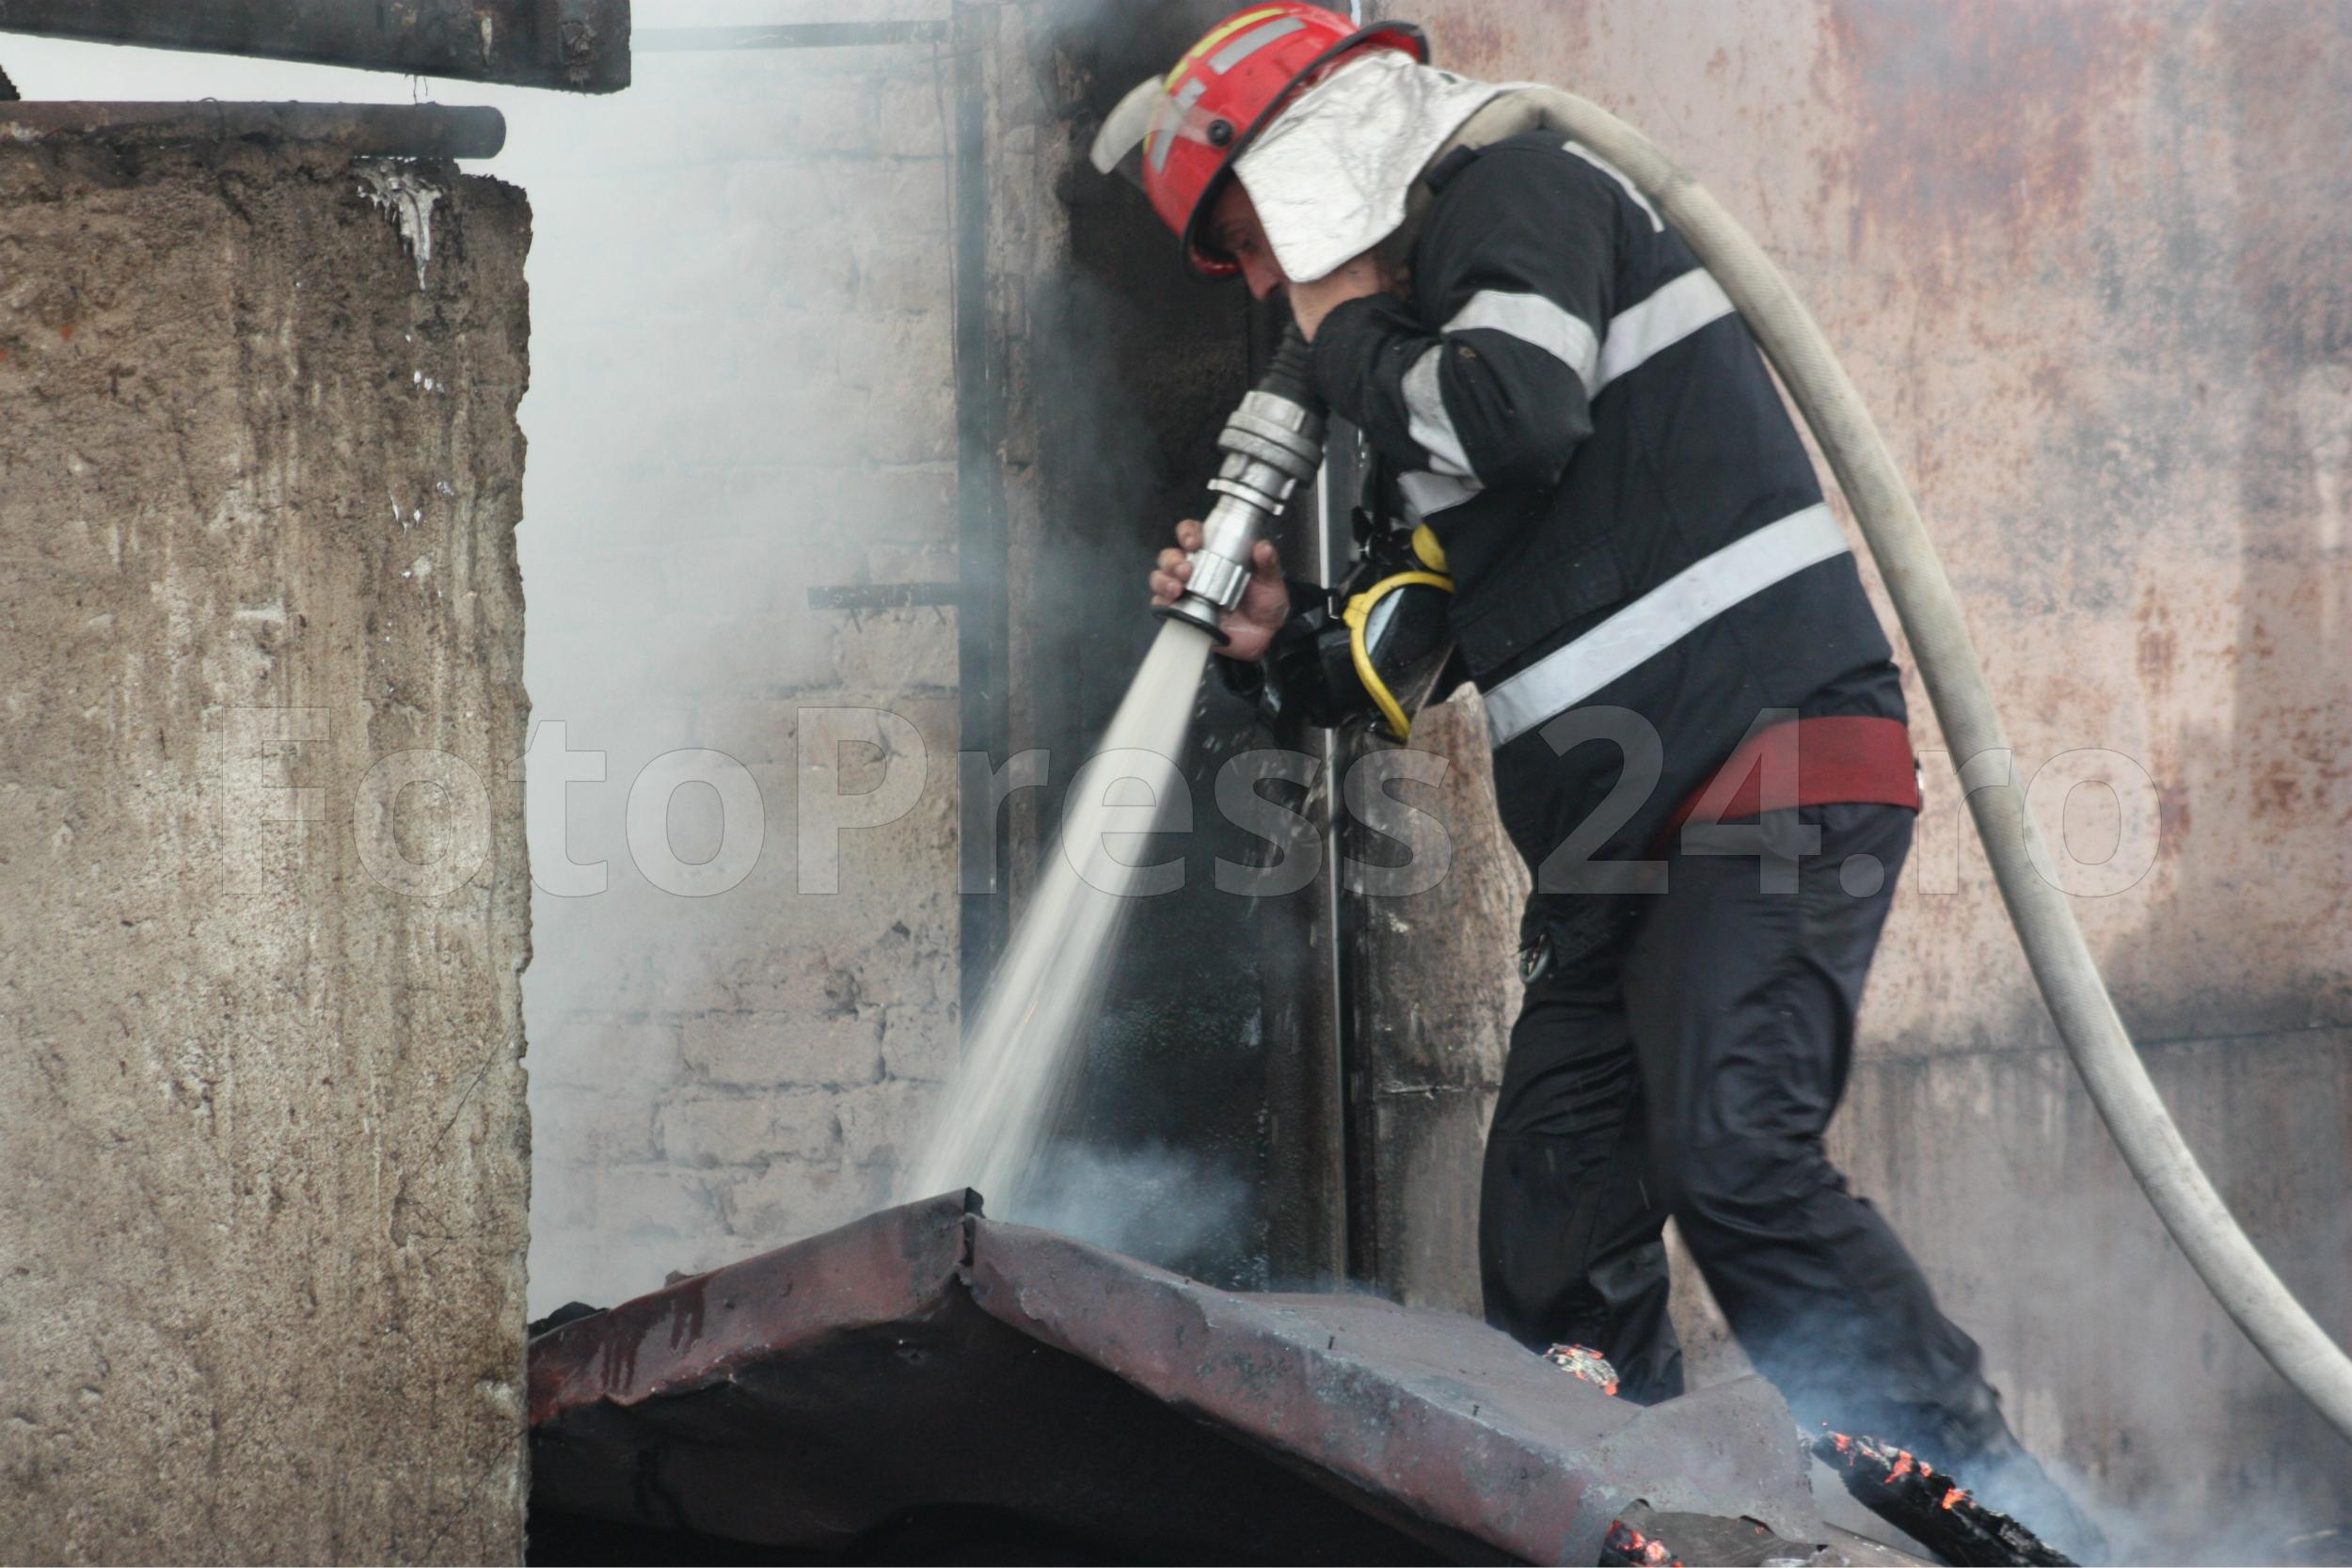 incendiu-FotoPress24.ro-Mihai-Neacsu-14